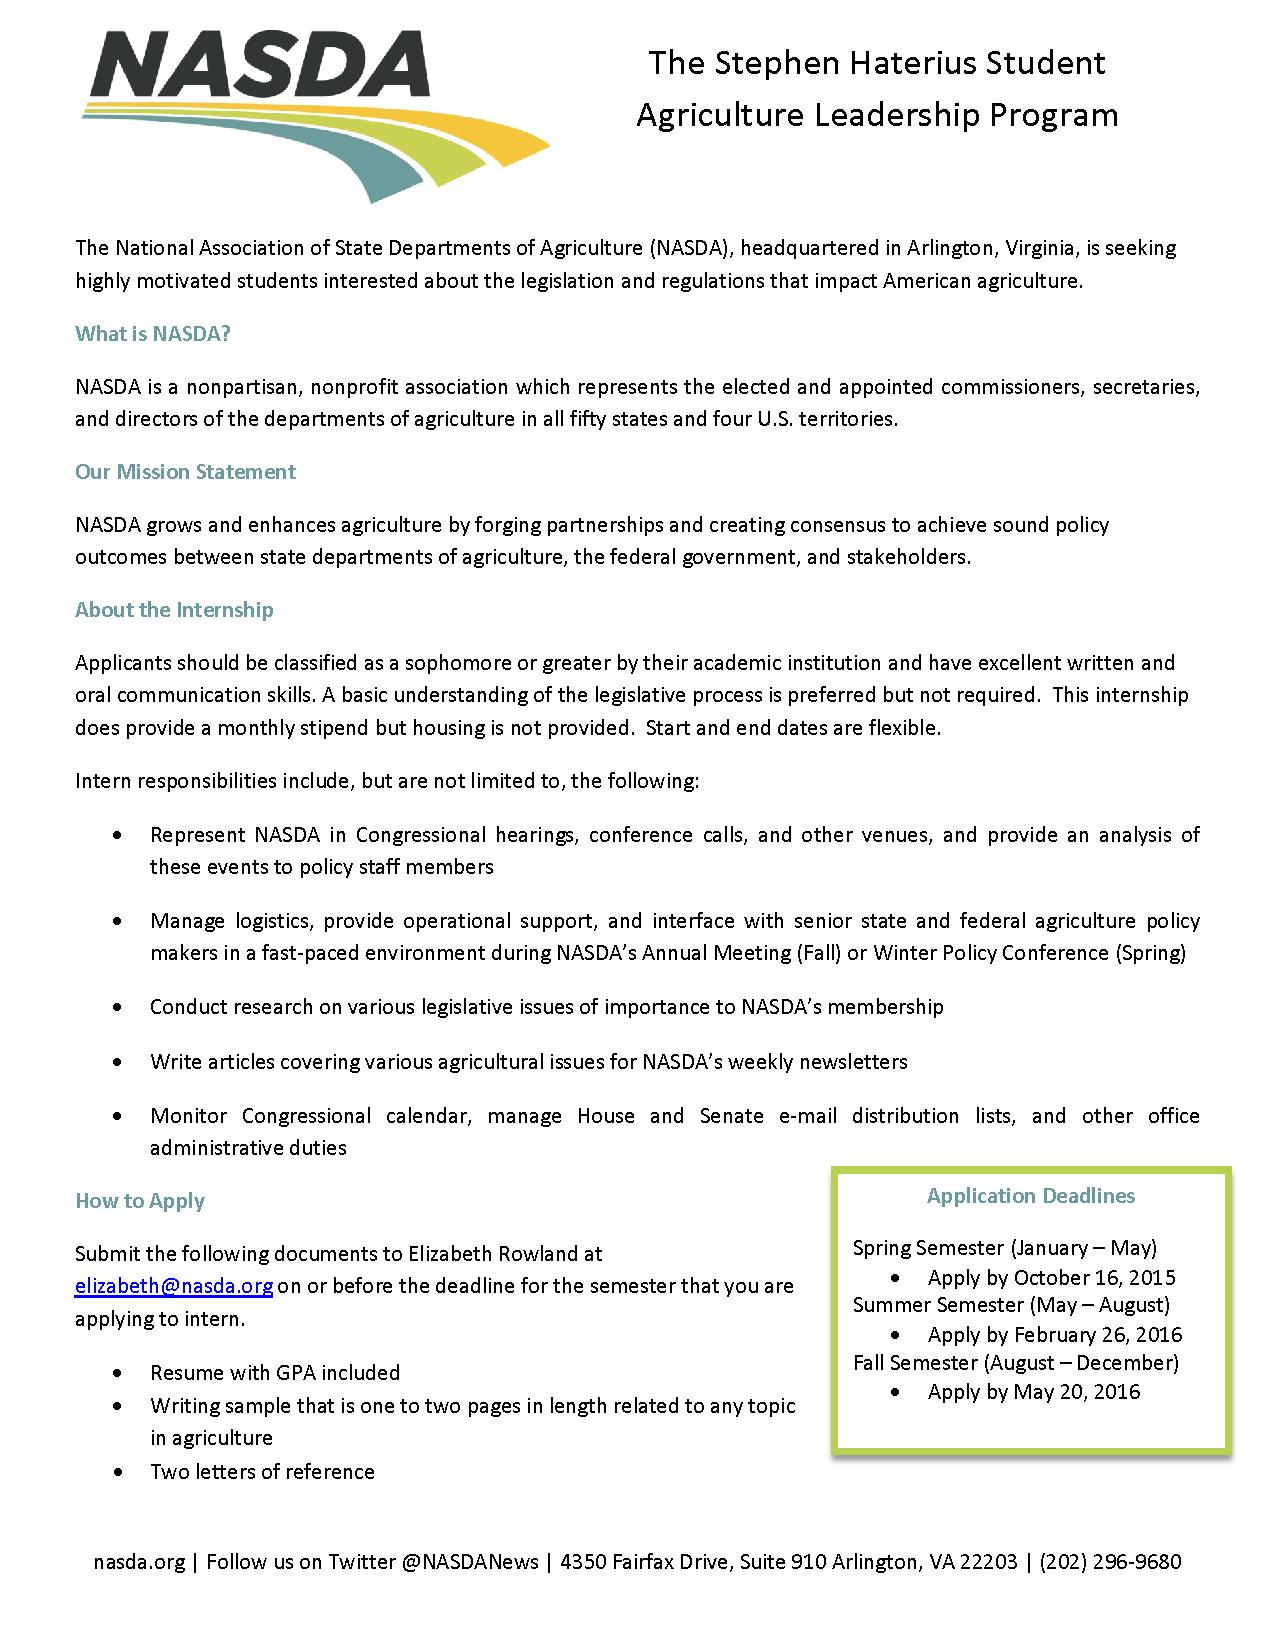 NASDA Internship Flyer_090215_Page_1